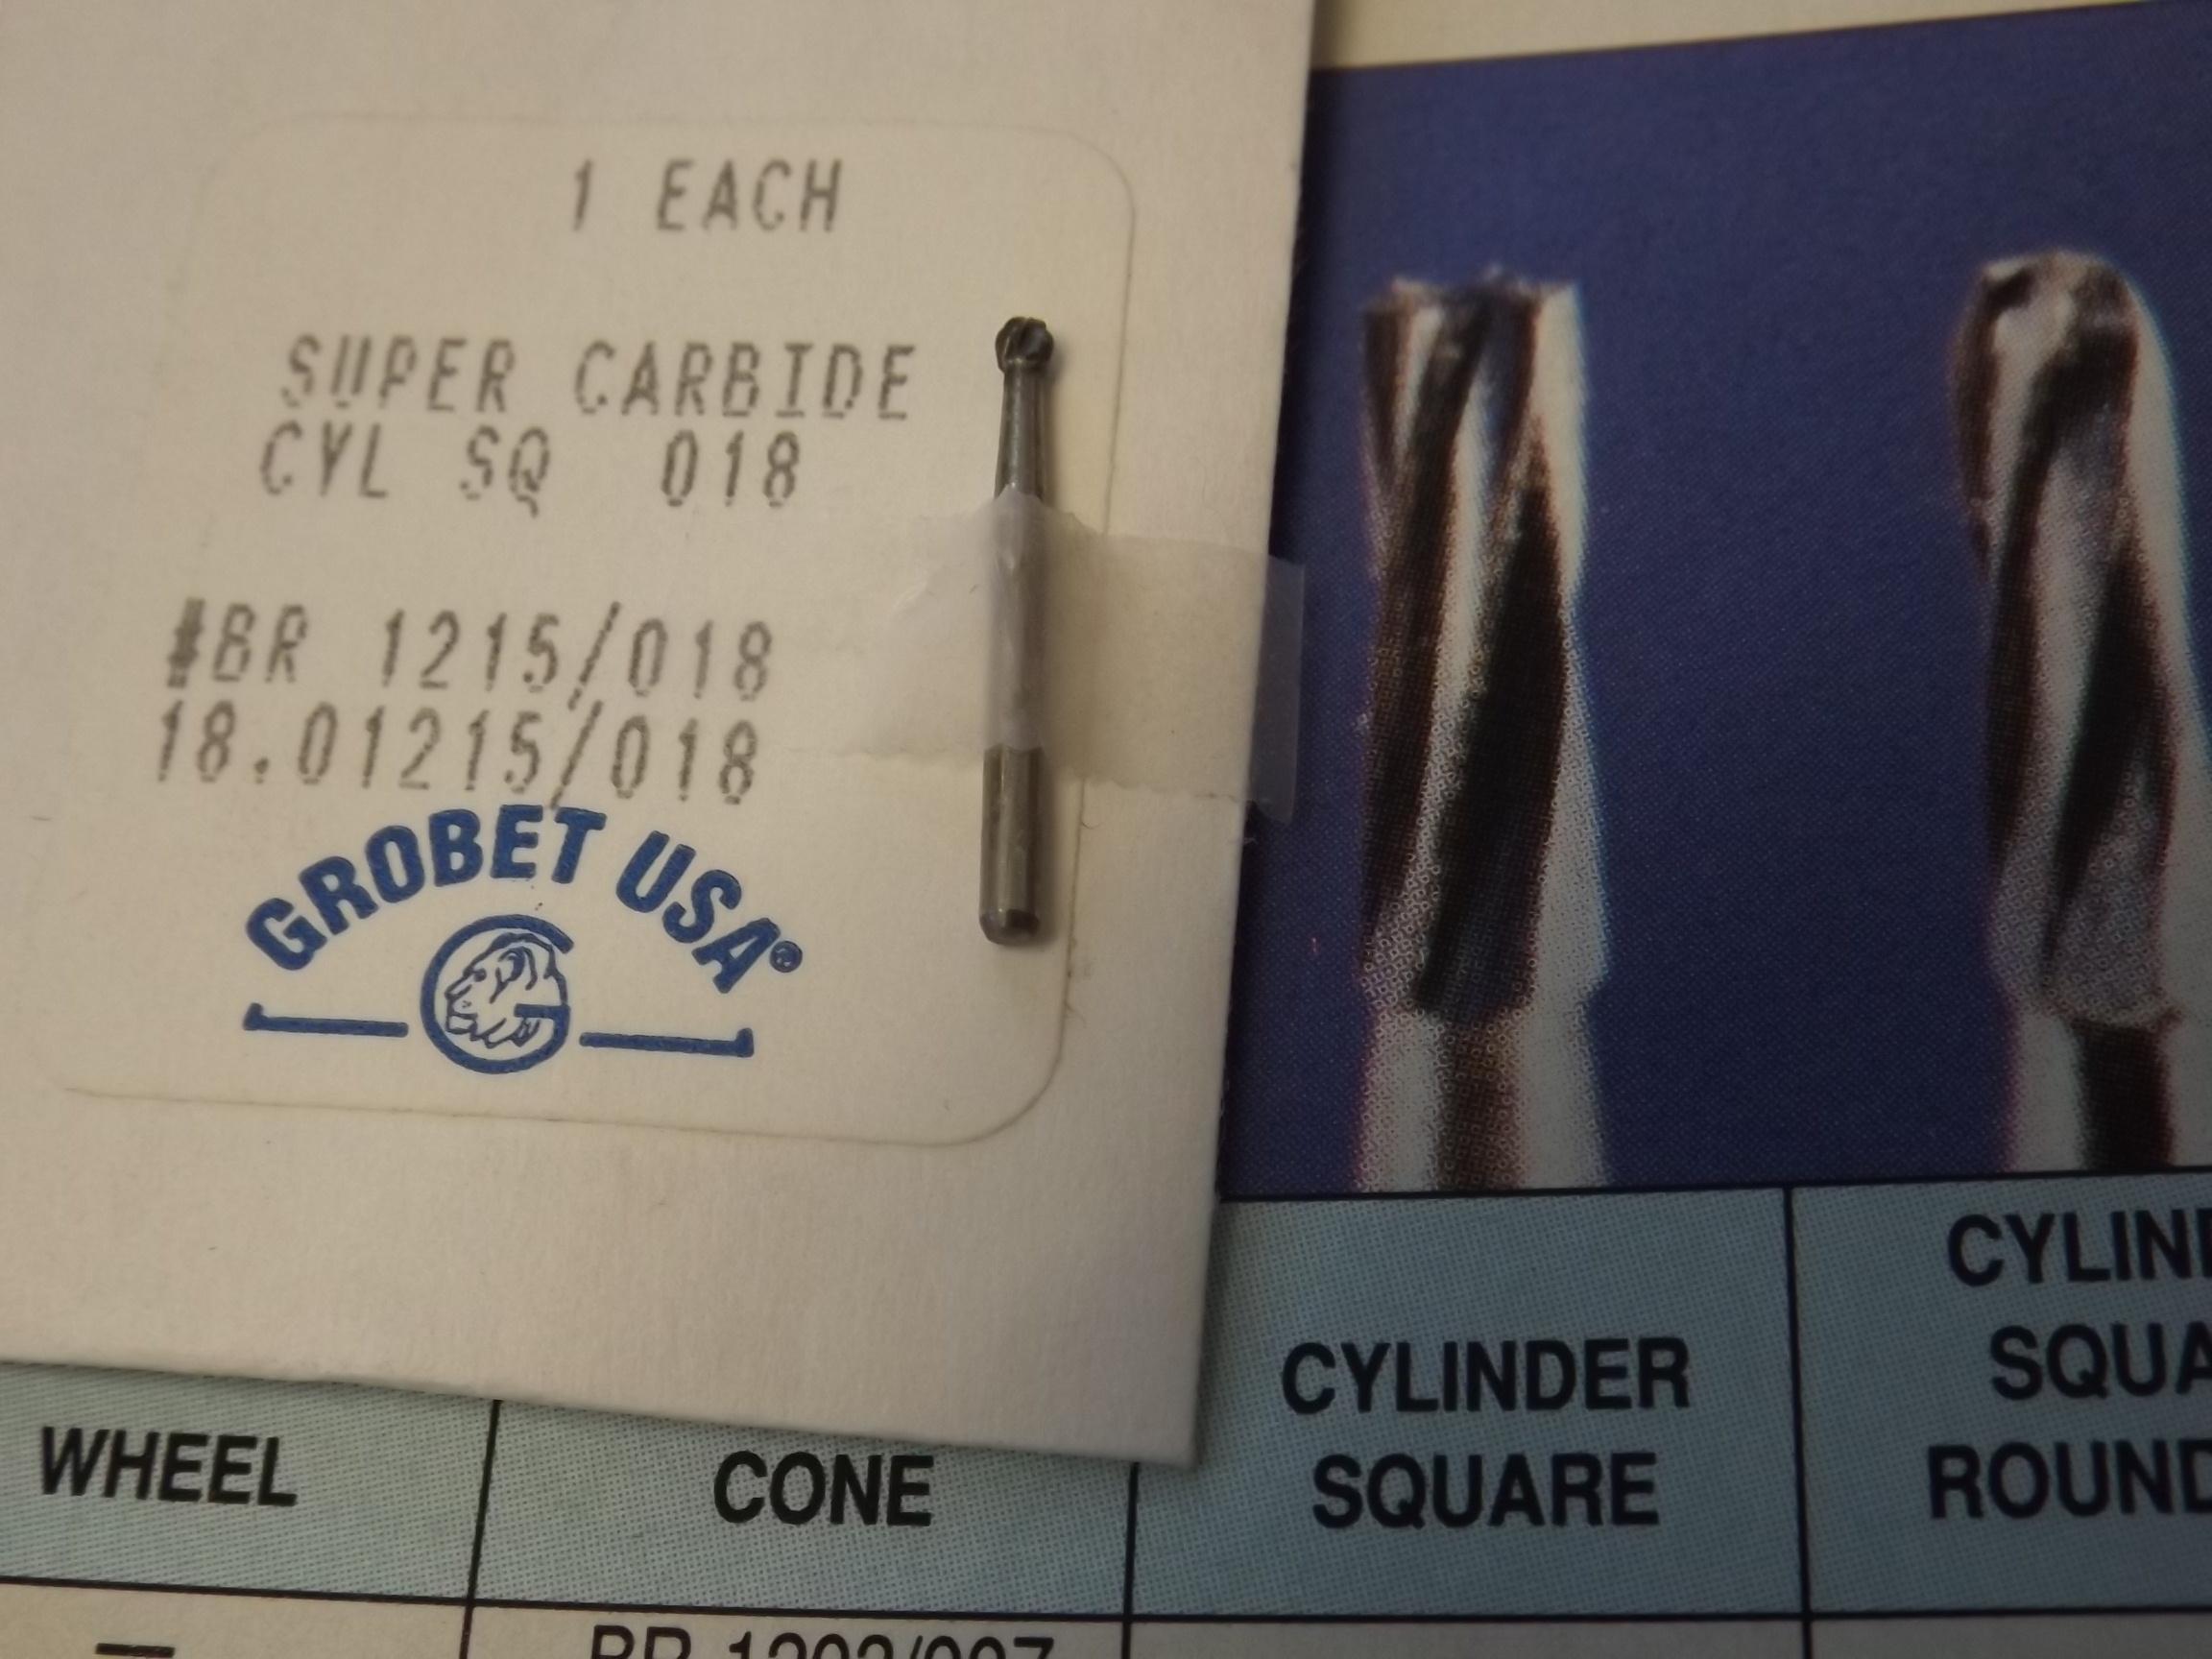 BR1215/18.01215 Super Carbide Cylinder Square Burs- discontinued item- Grobet